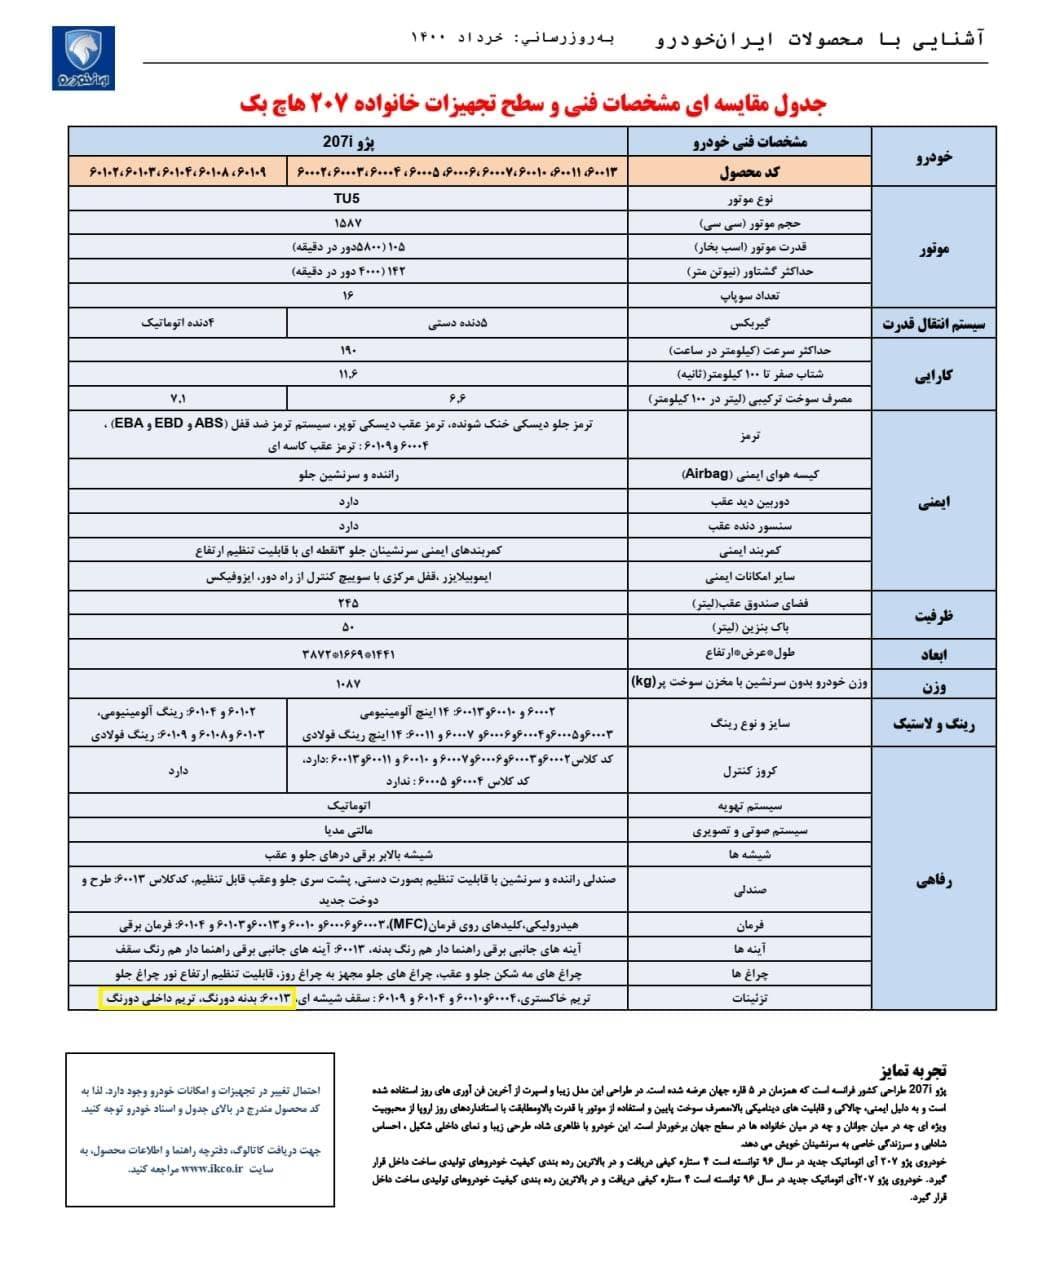 پژو ۲۰۷ دو رنگ در جدول مقایسه ای اعلام شده توسط ایران خودرو دیده شد